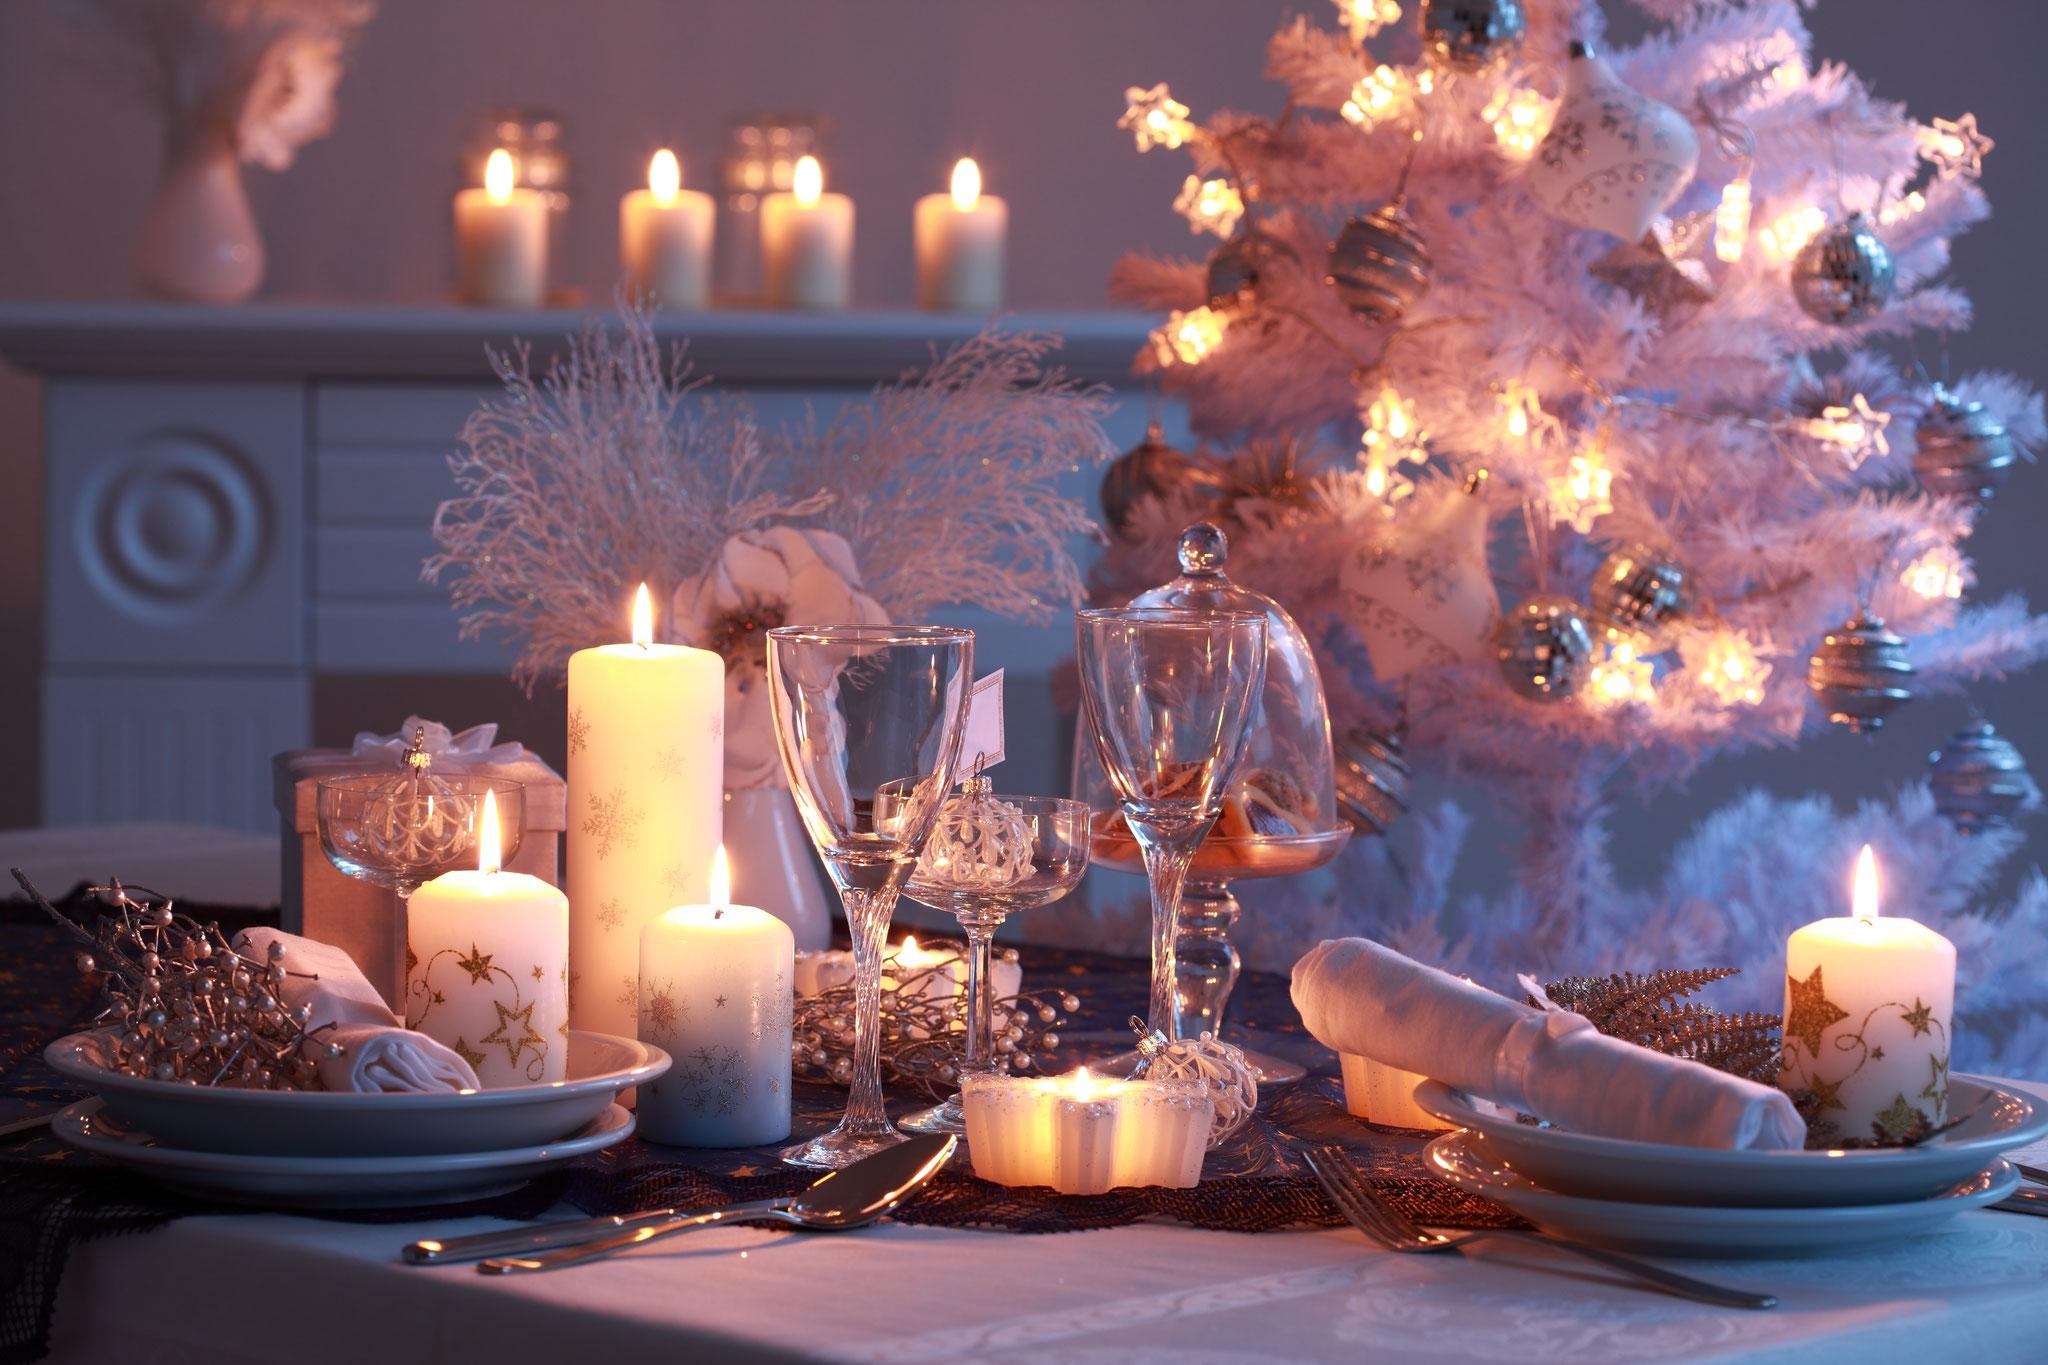 Новогодний декор квартиры свечами